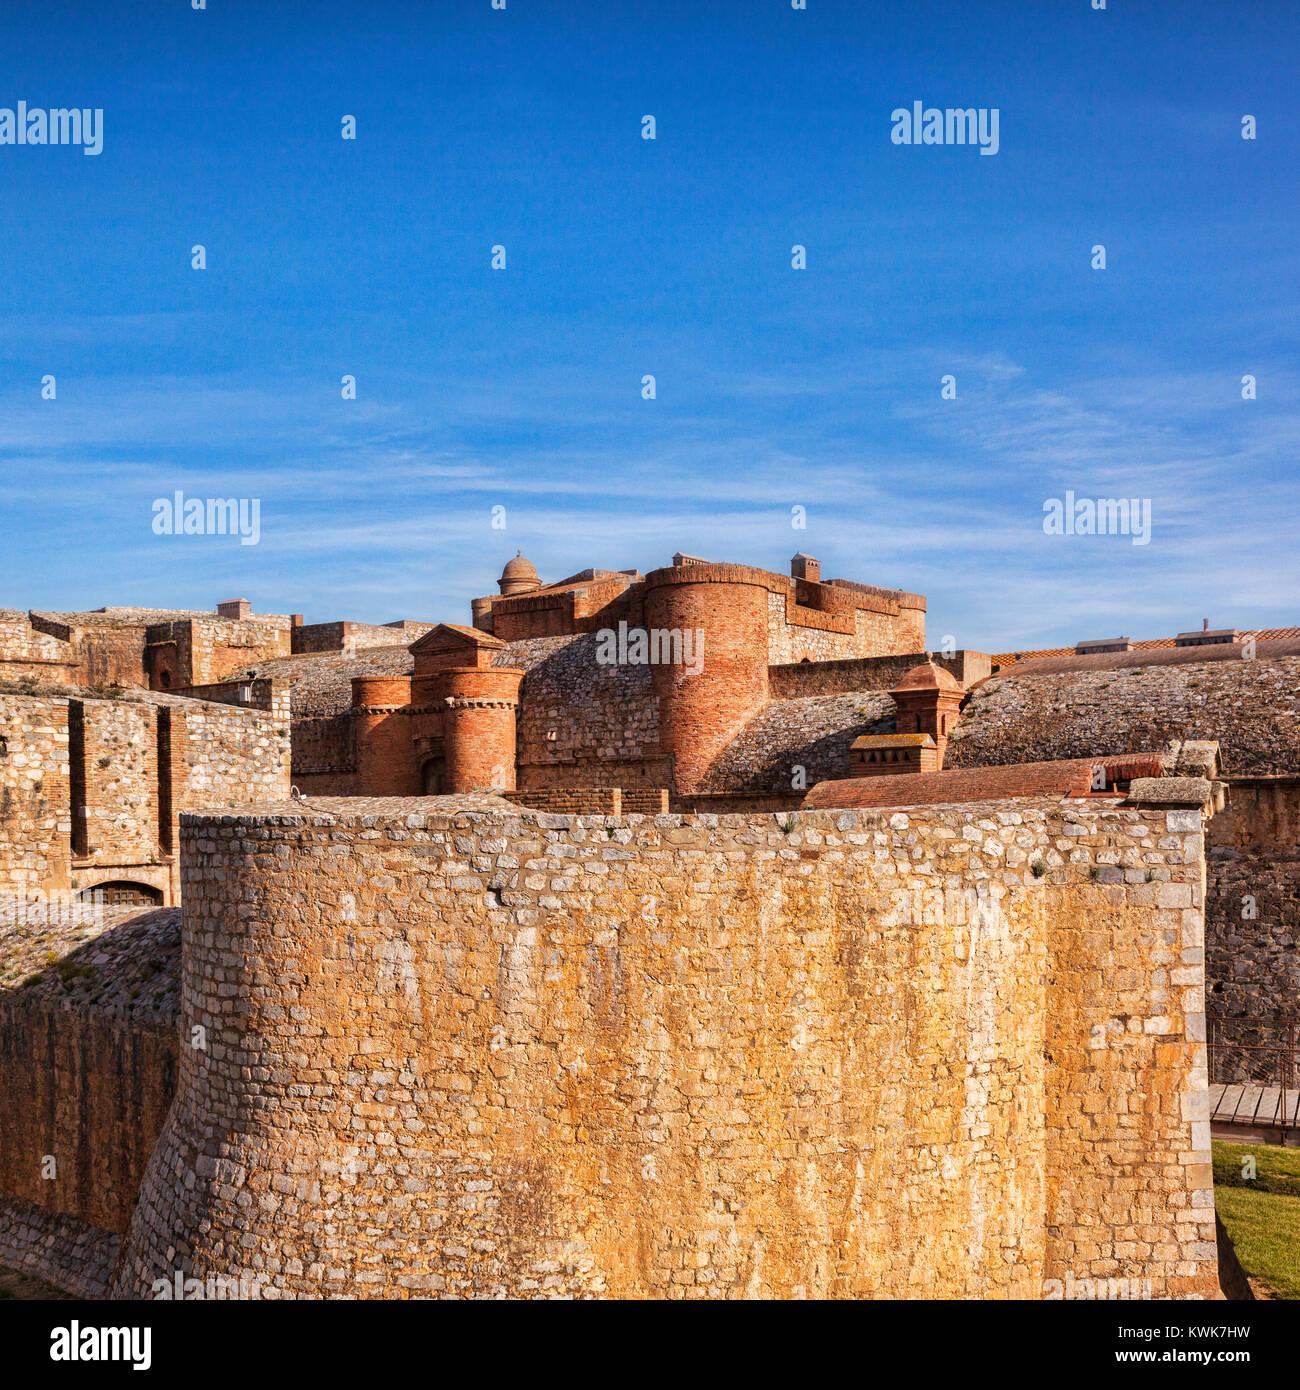 Fort de Salses, Salses-le-Chateau, Languedoc- Rousssillon, Pyrenees Orientales, France. - Stock Image